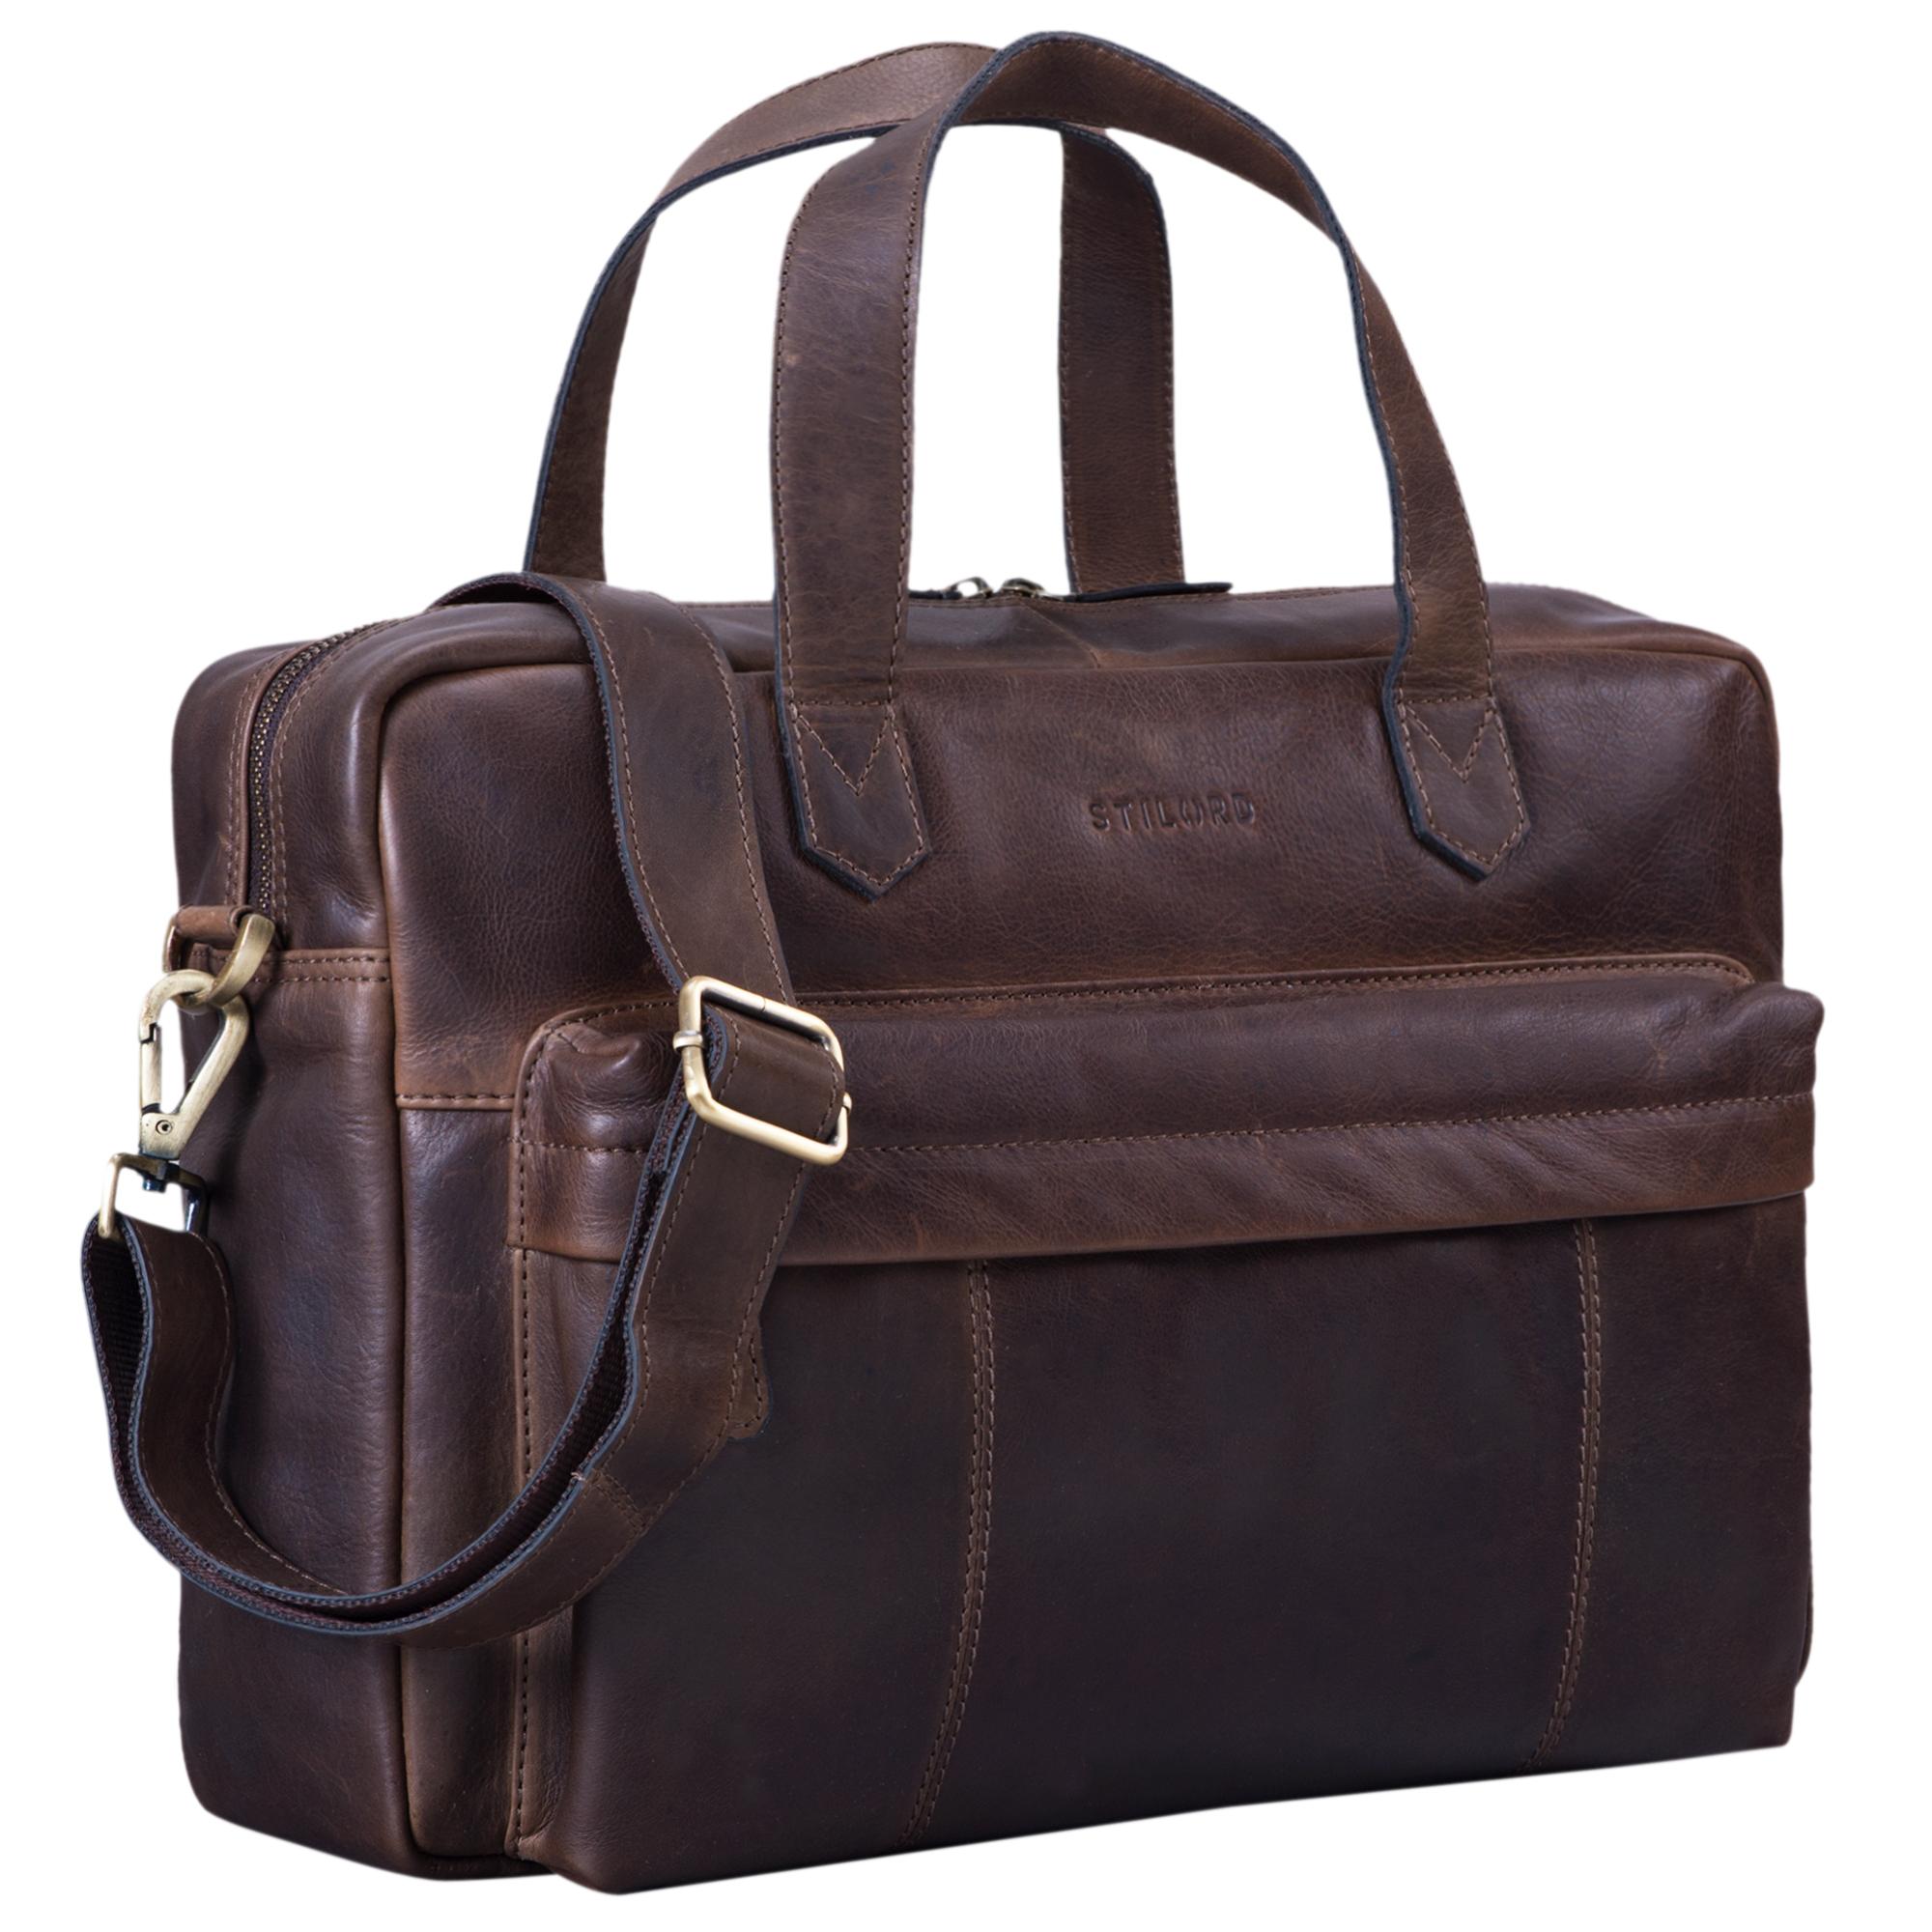 """STILORD """"Erich"""" Vintage Leder Bürotasche große Umhängetasche für Herren und Damen mit 15.6 Zoll Laptop-Fach elegante Aktentasche DIN A4 für Business Arbeit Uni - Bild 9"""